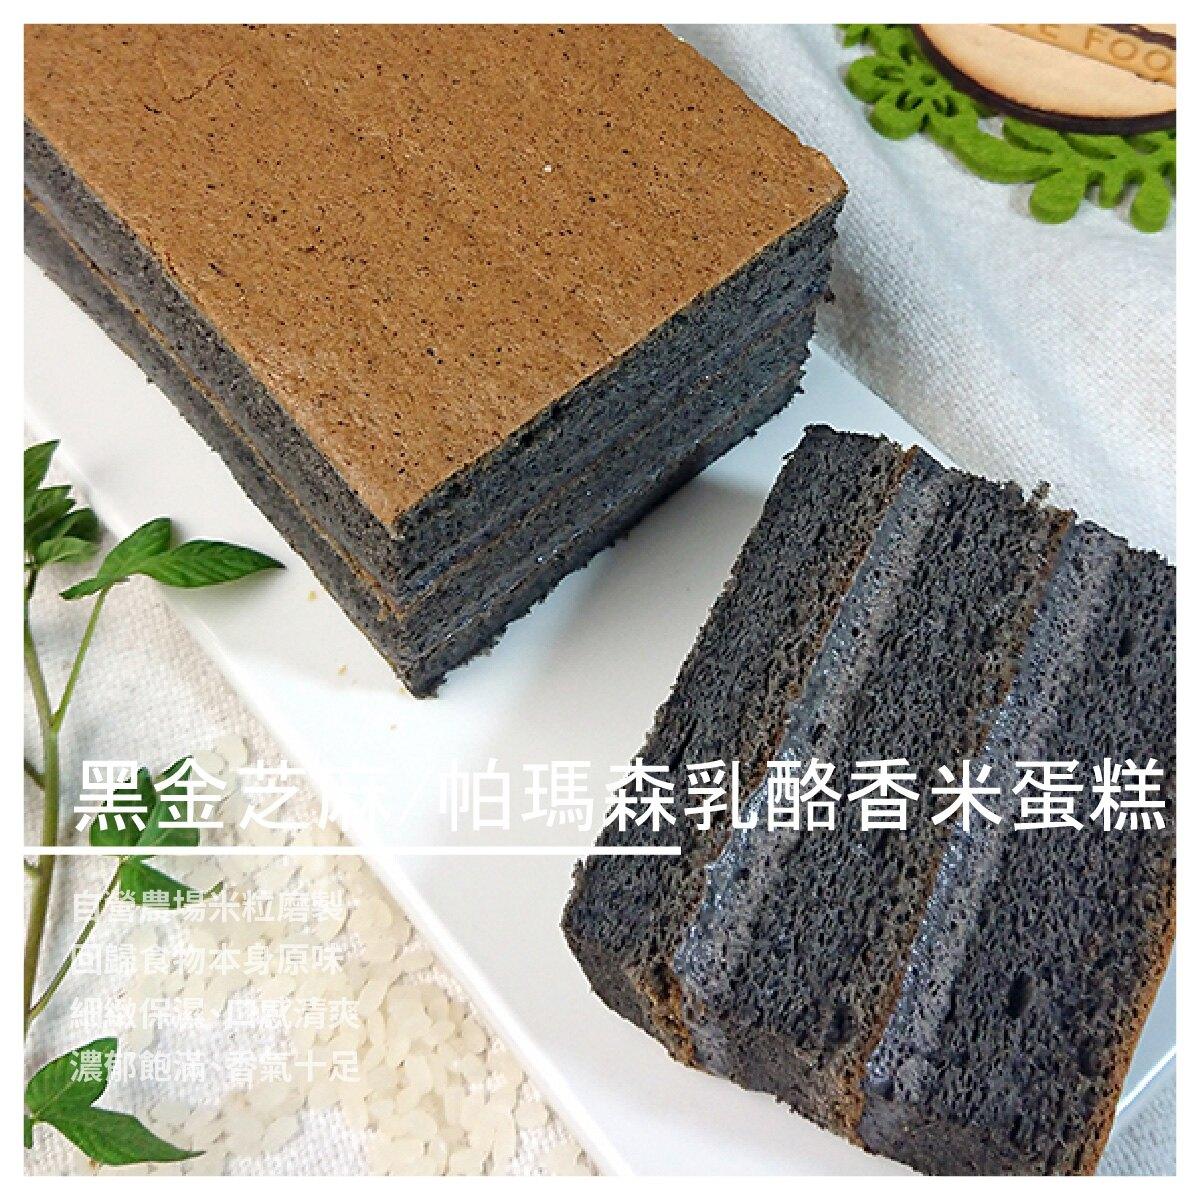 【達克闇黑工場】高個子禾穀米烘焙系列-米蛋糕/條/2款口味